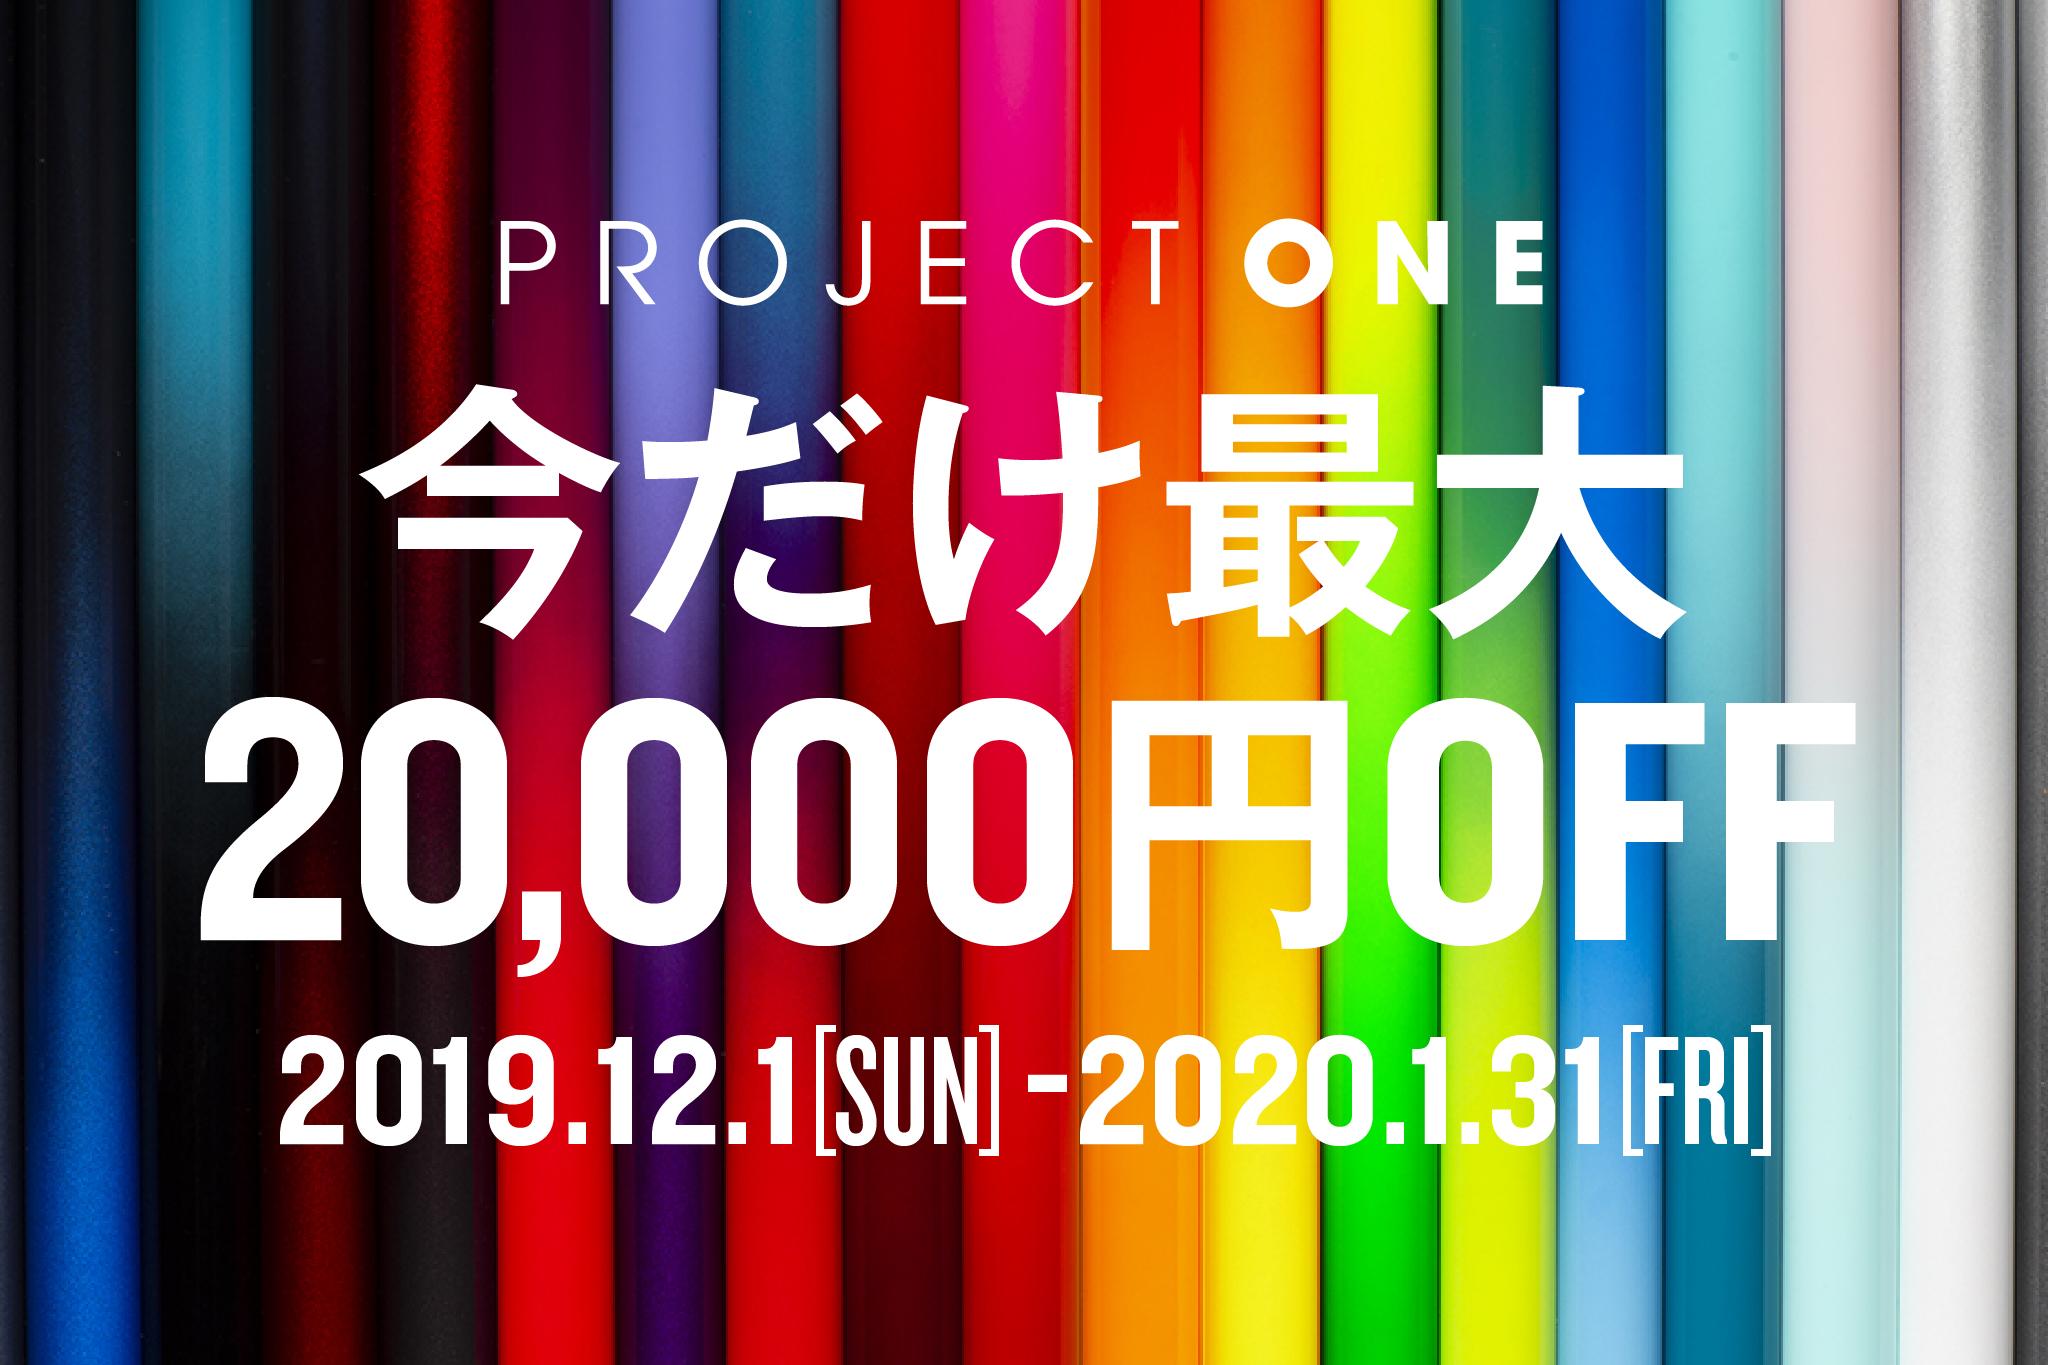 今だけ最大20,000円OFF!『Project One キャンペーン』で夢の一台をお得に手に入れよう!